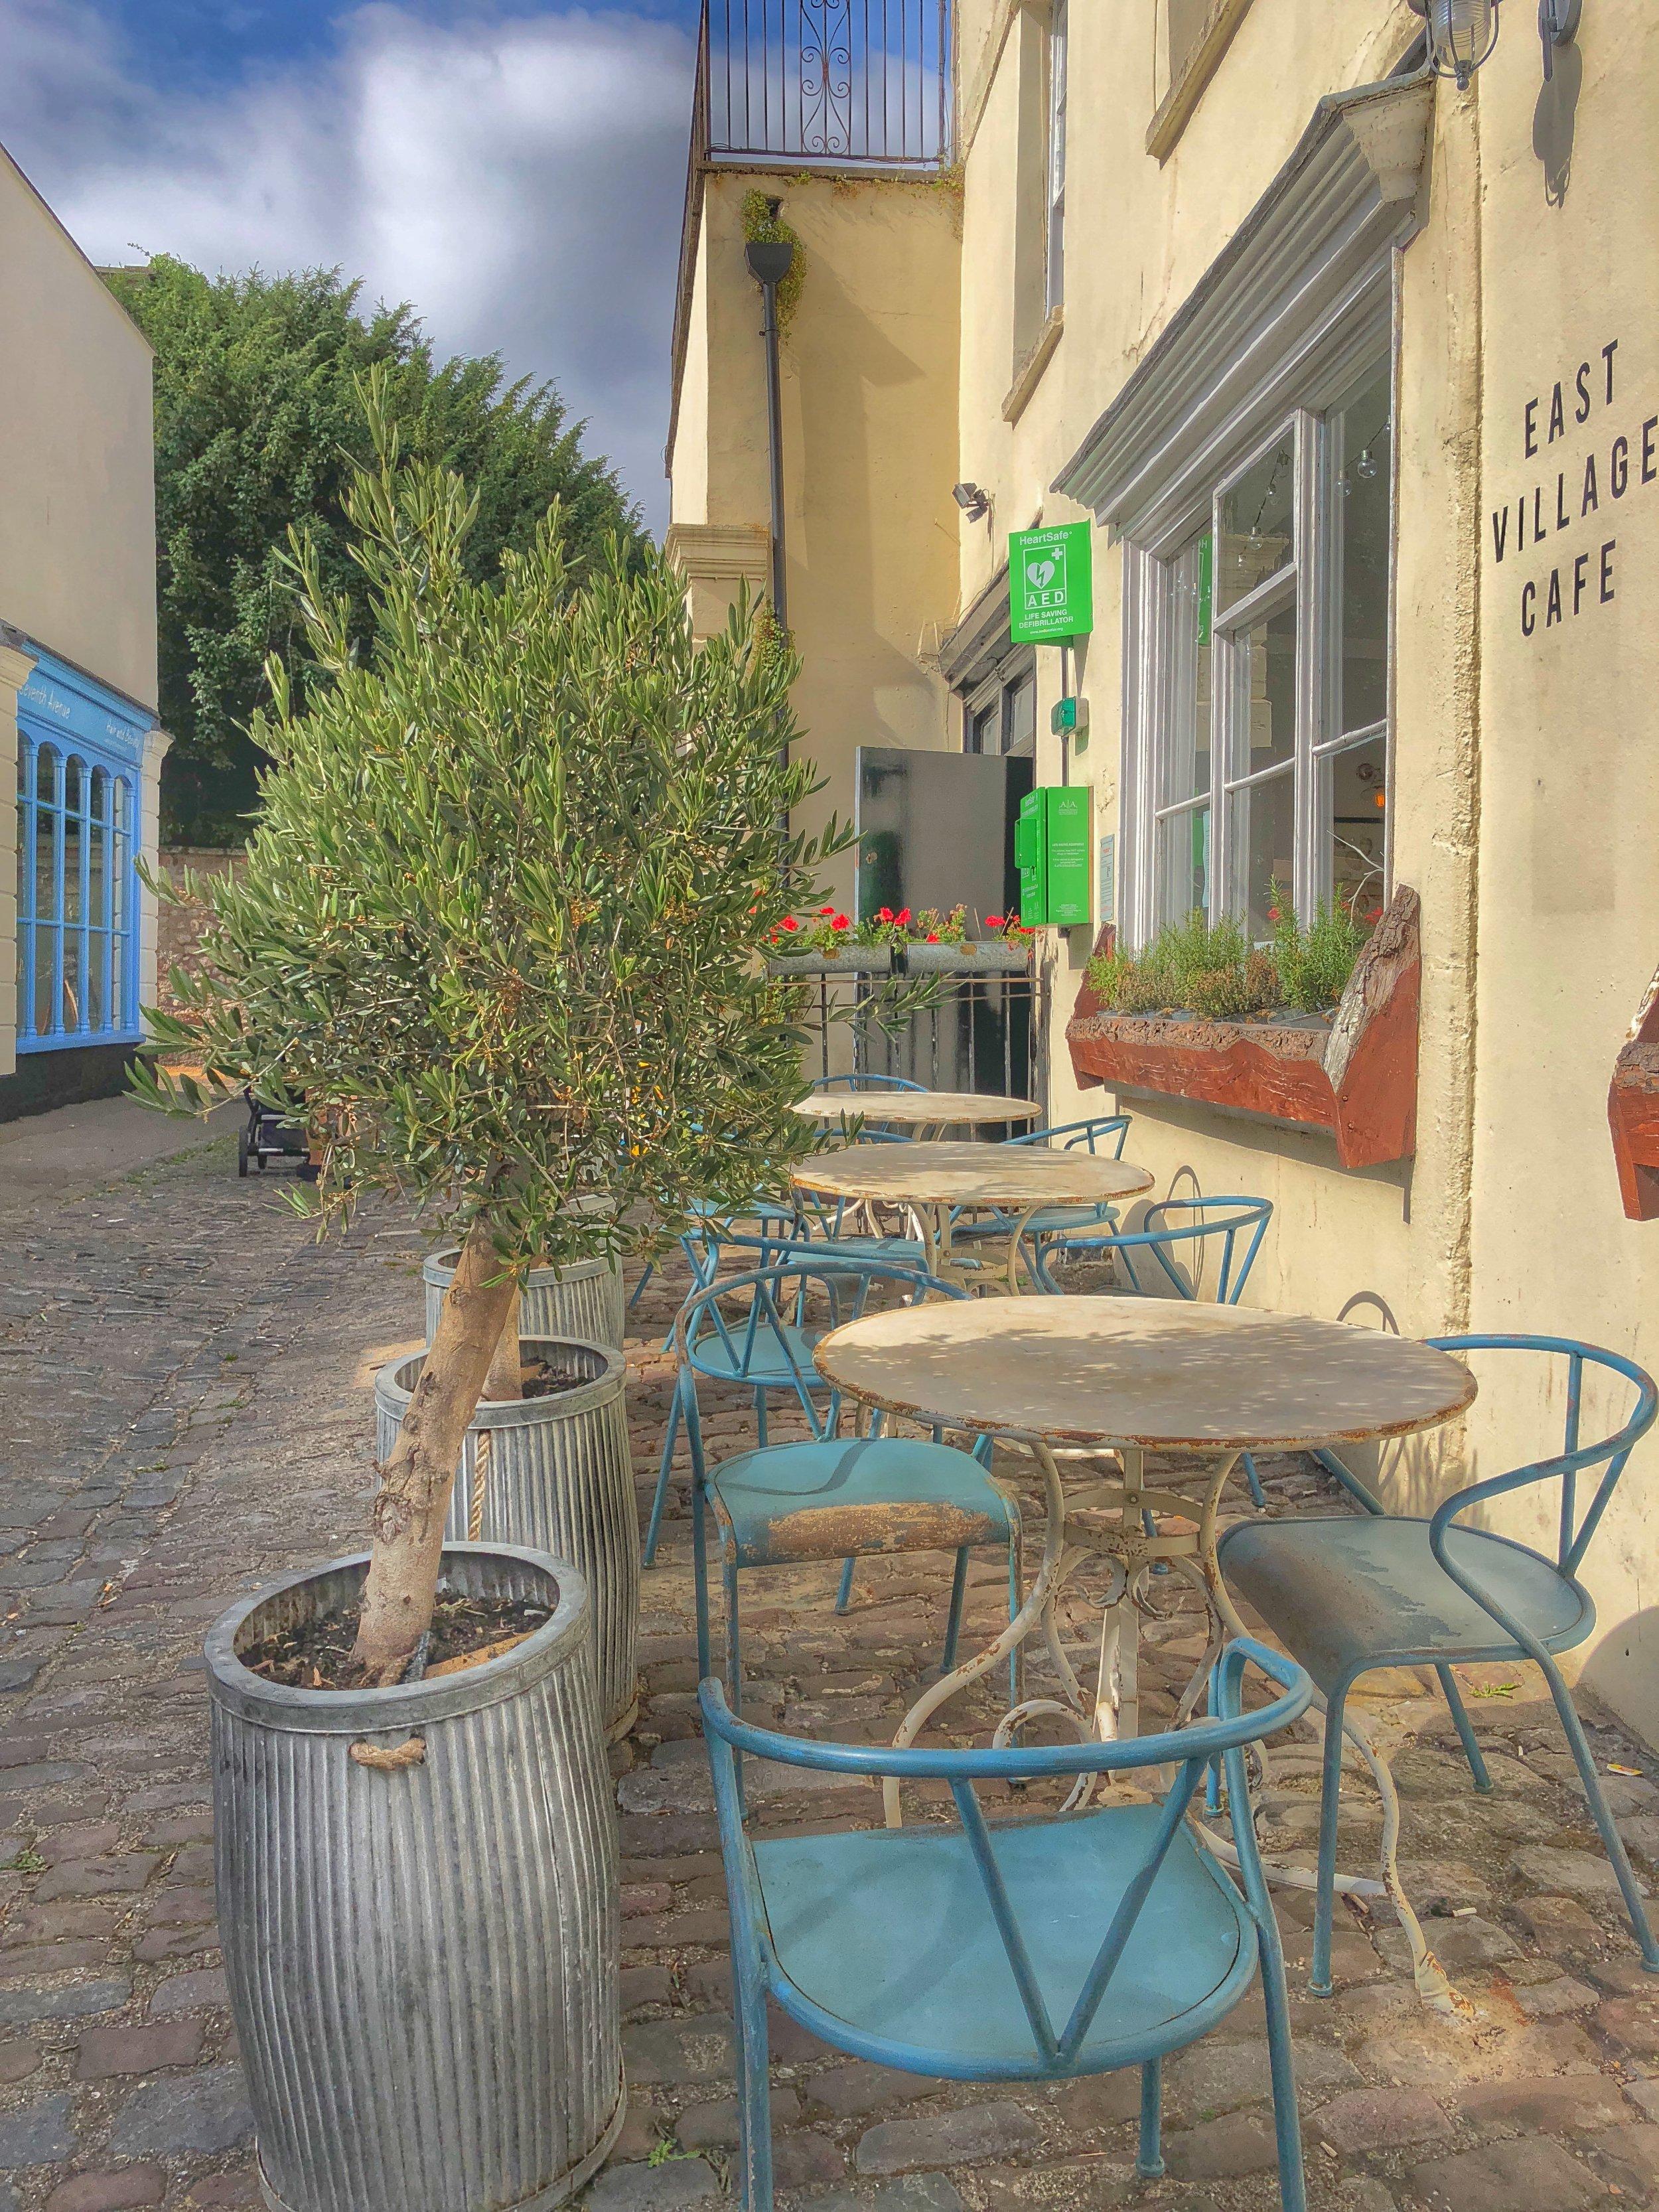 Outside East Village Cafe